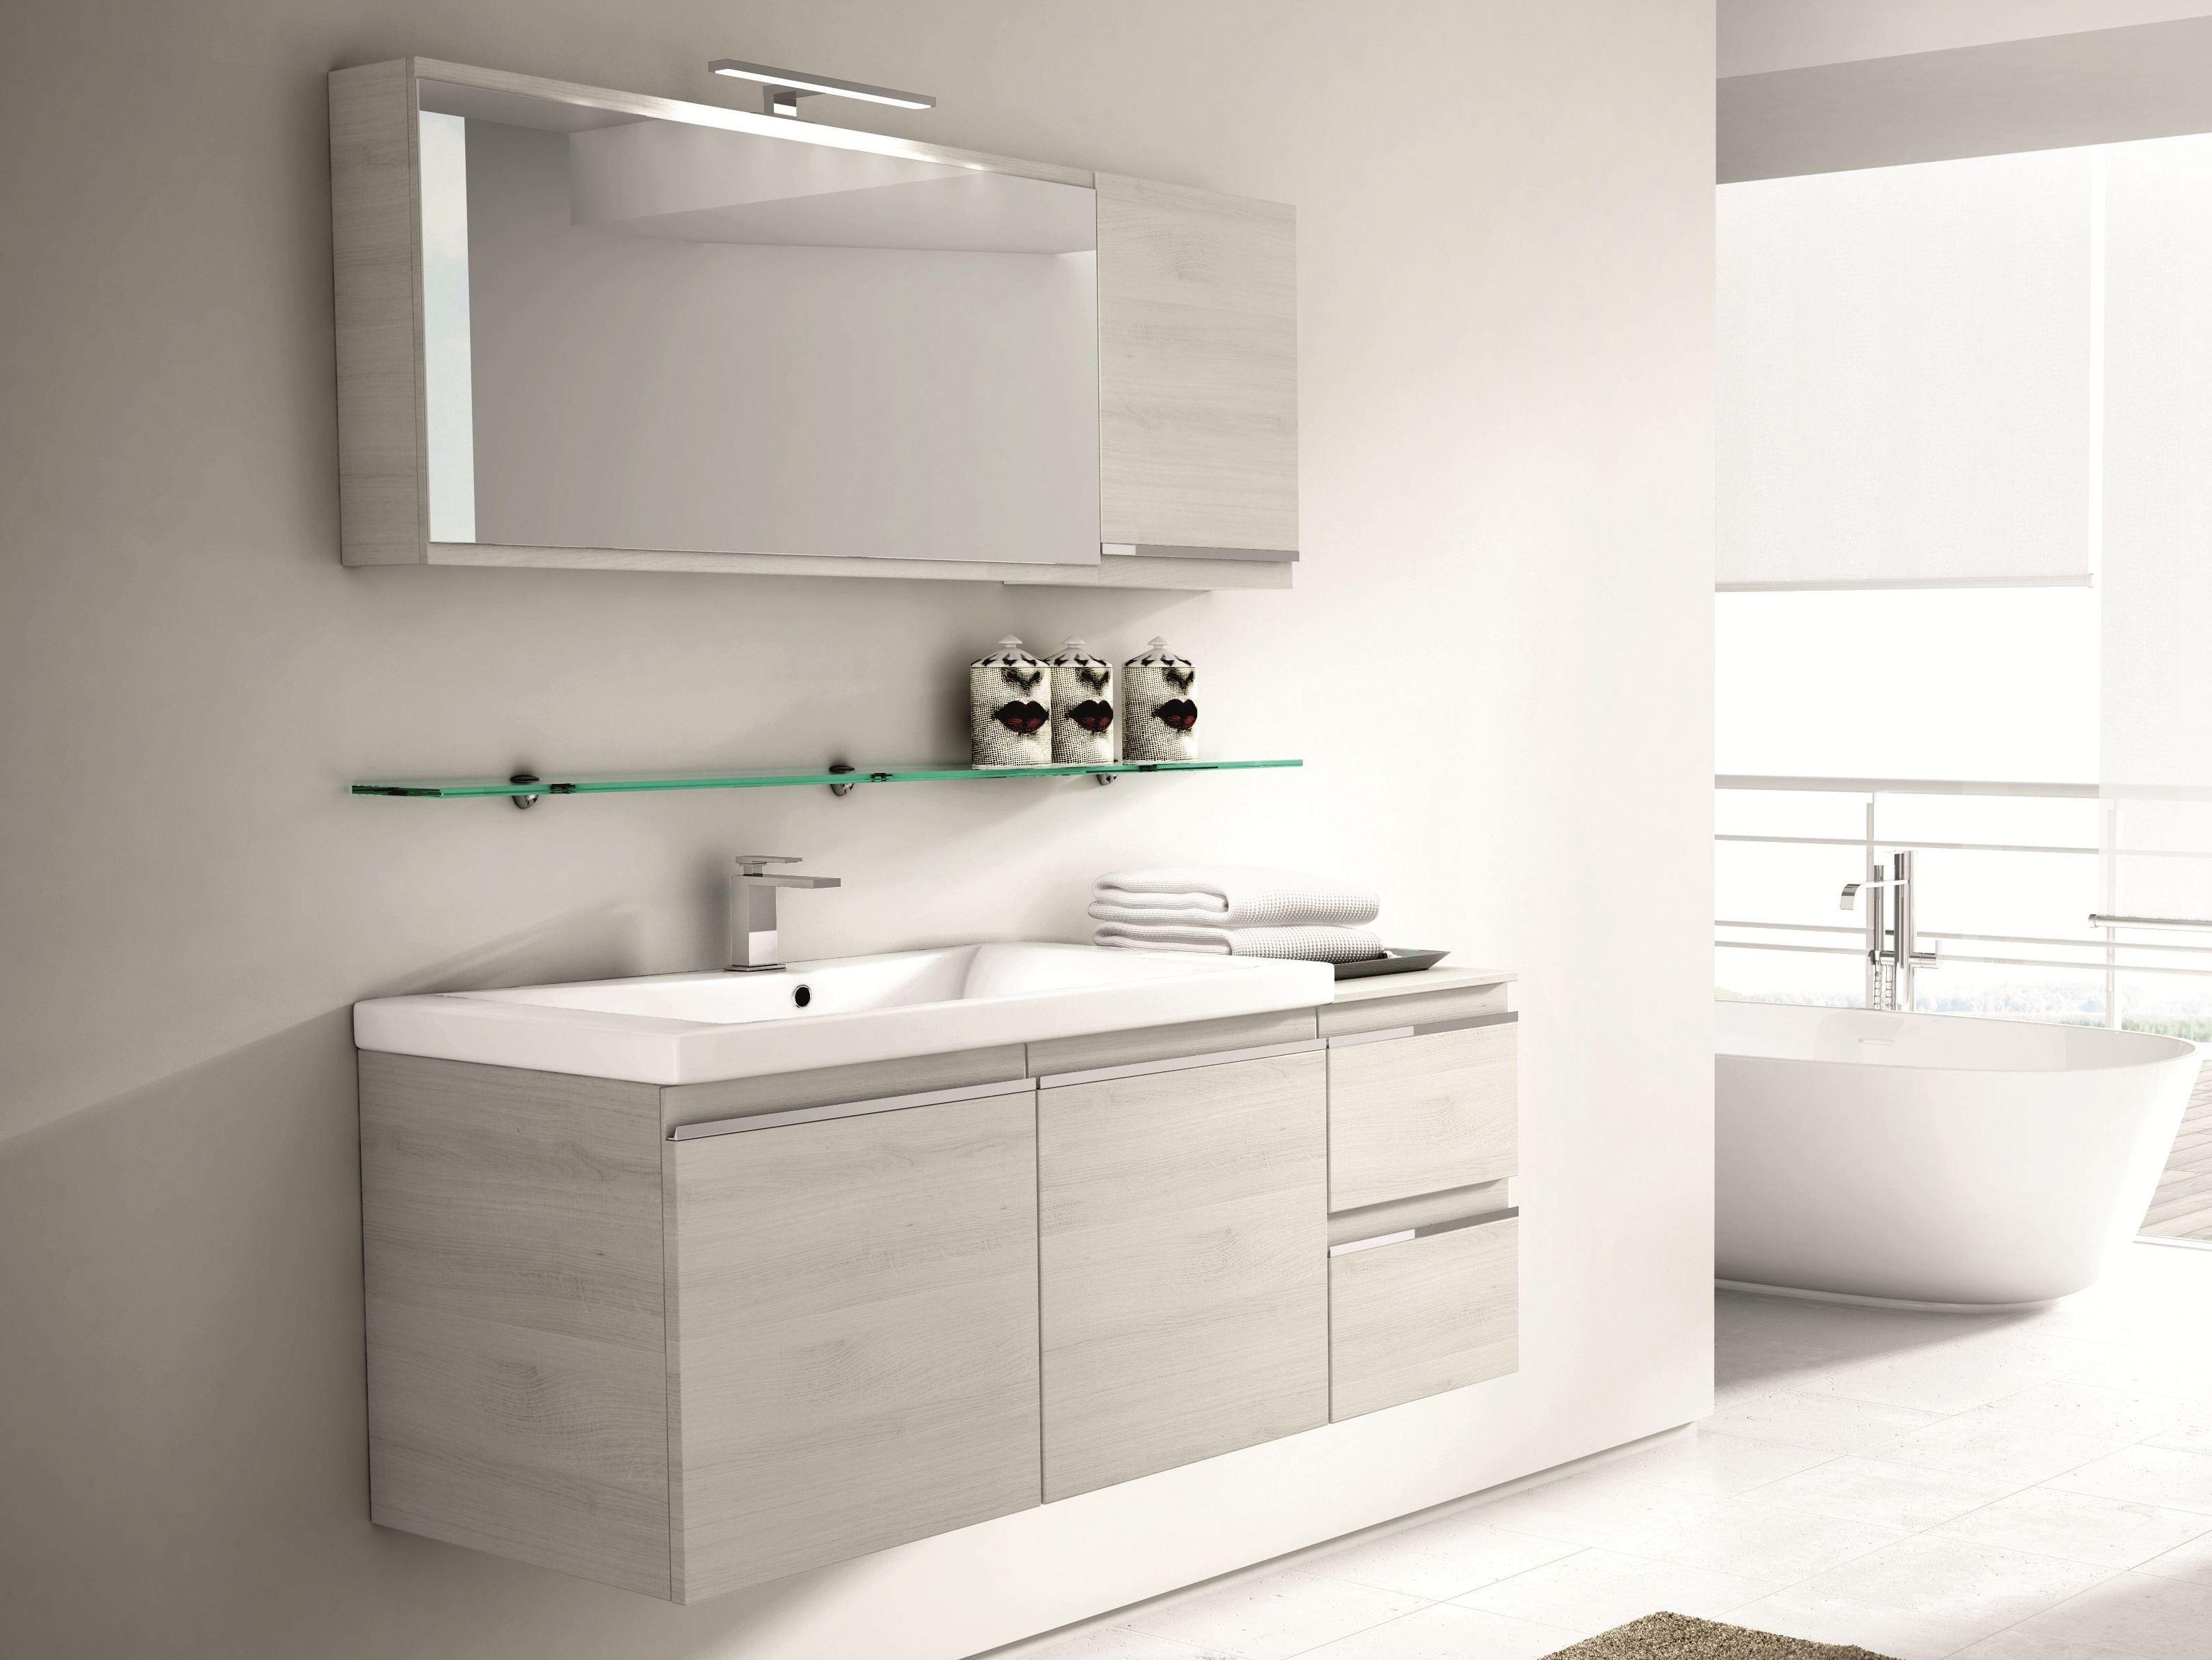 Móvel lavatório suspenso com gavetas com espelho MISTRAL COMP 08 by  #44876A 3239x2431 Banheiro Autocad 3d